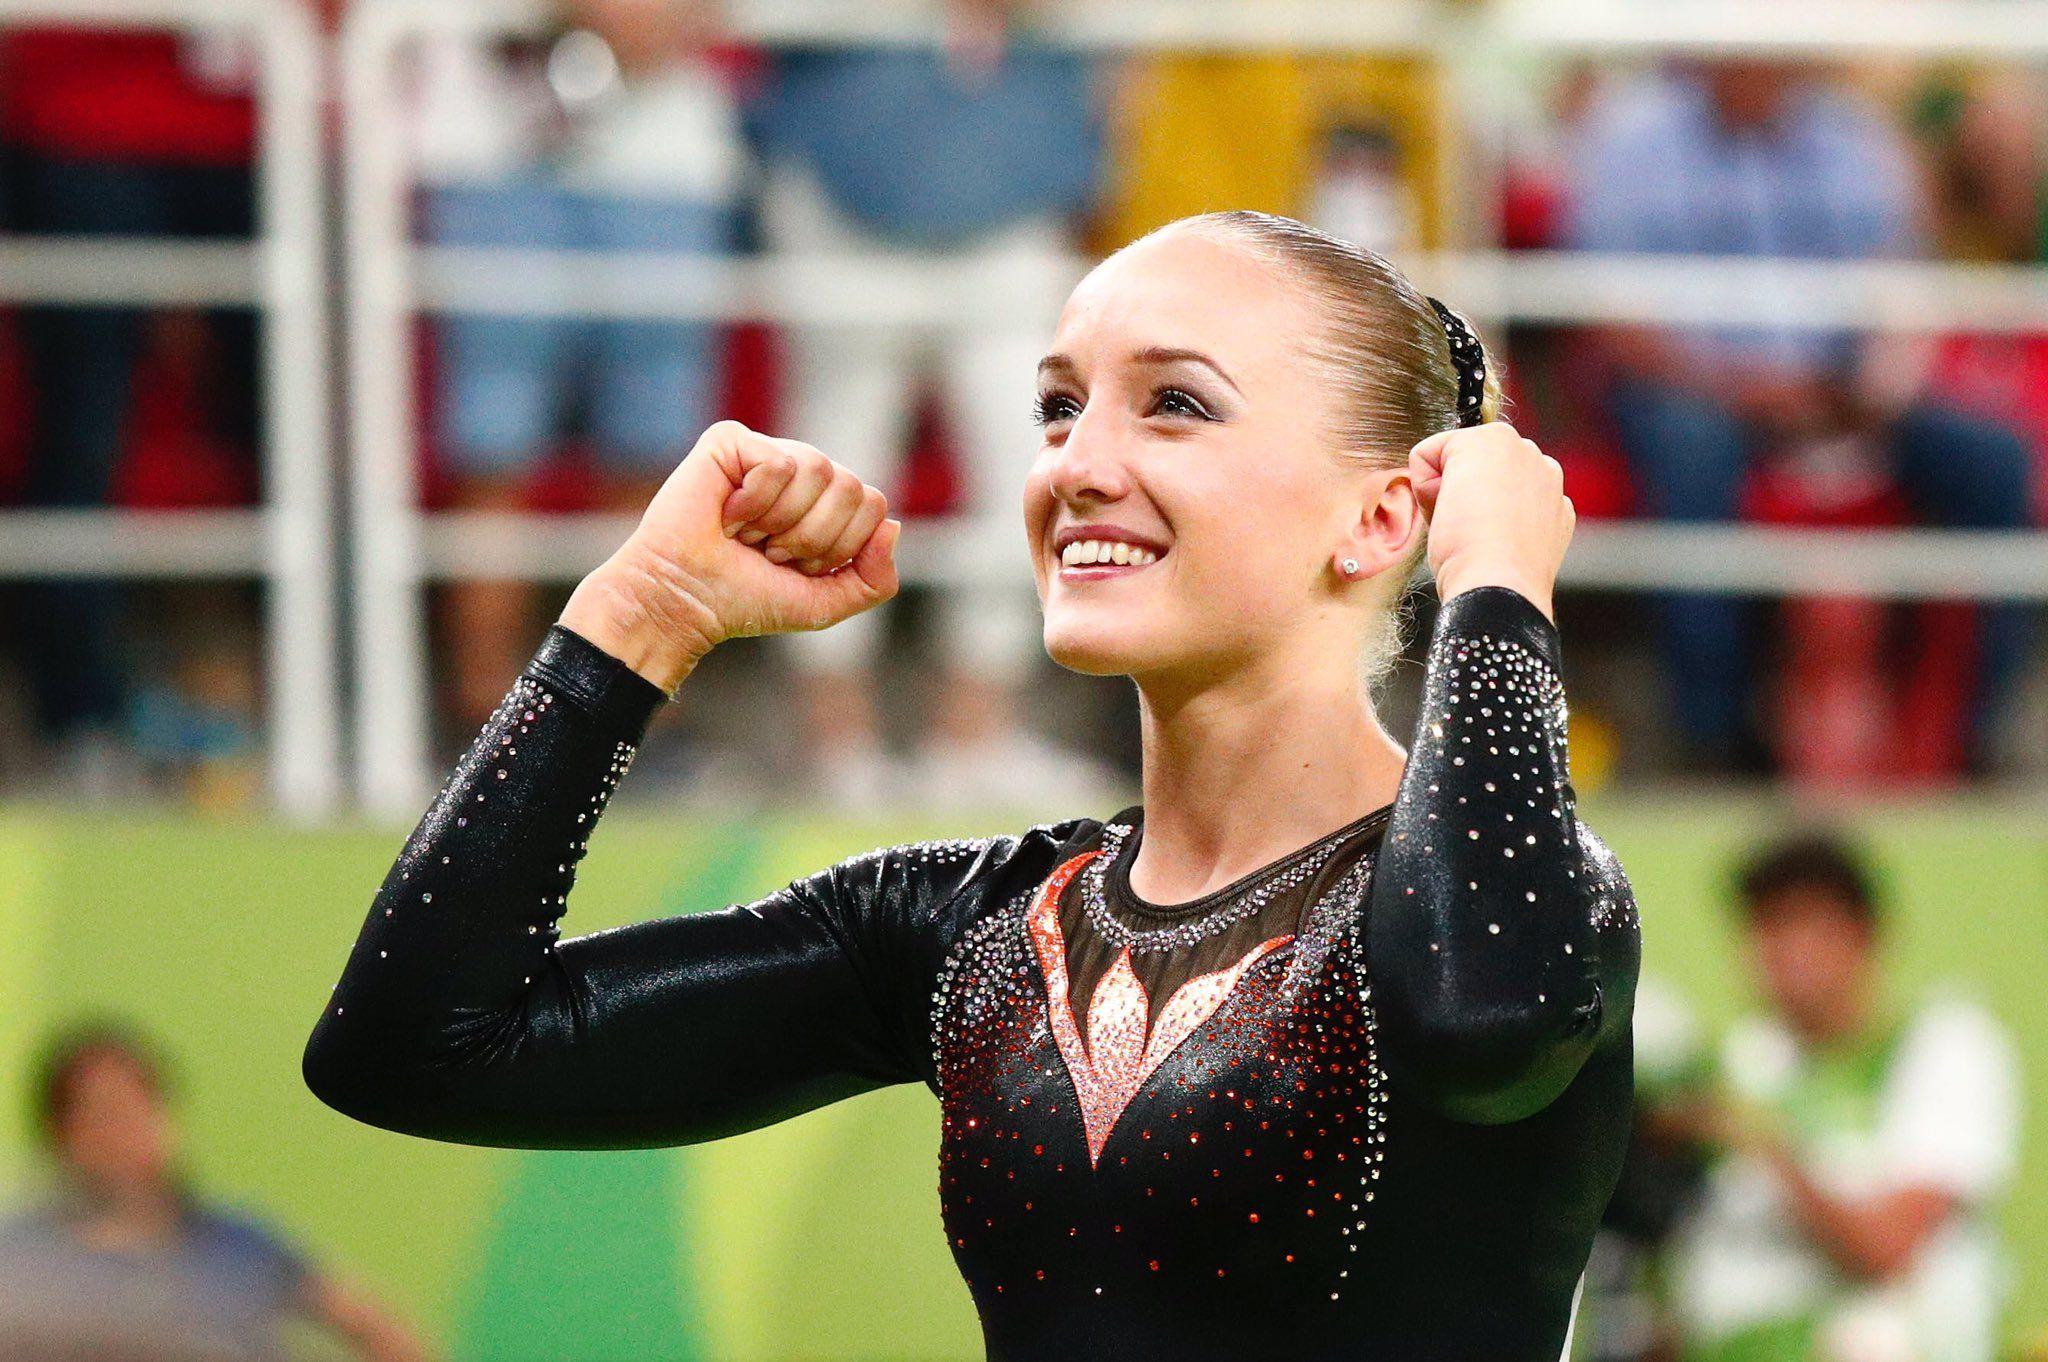 Winwin gymnastics - Gymnasts